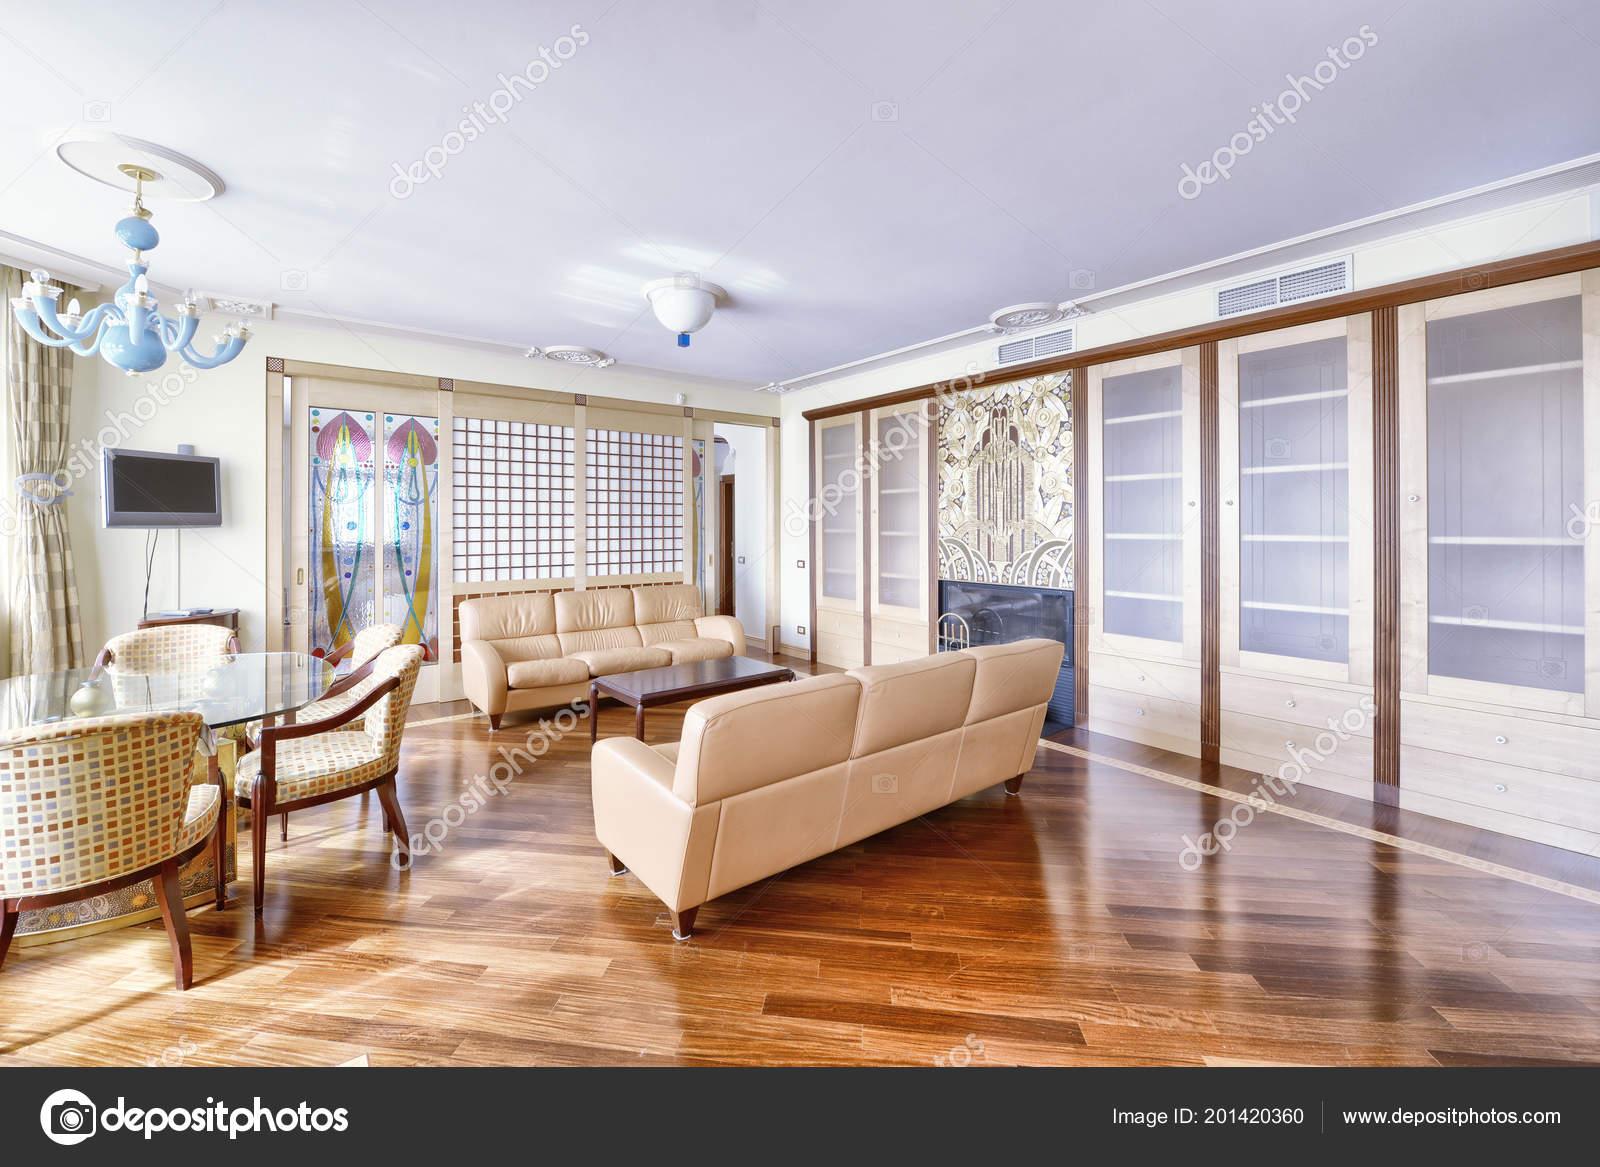 Wohnzimmer Interieur Modernen Haus — Stockfoto ...